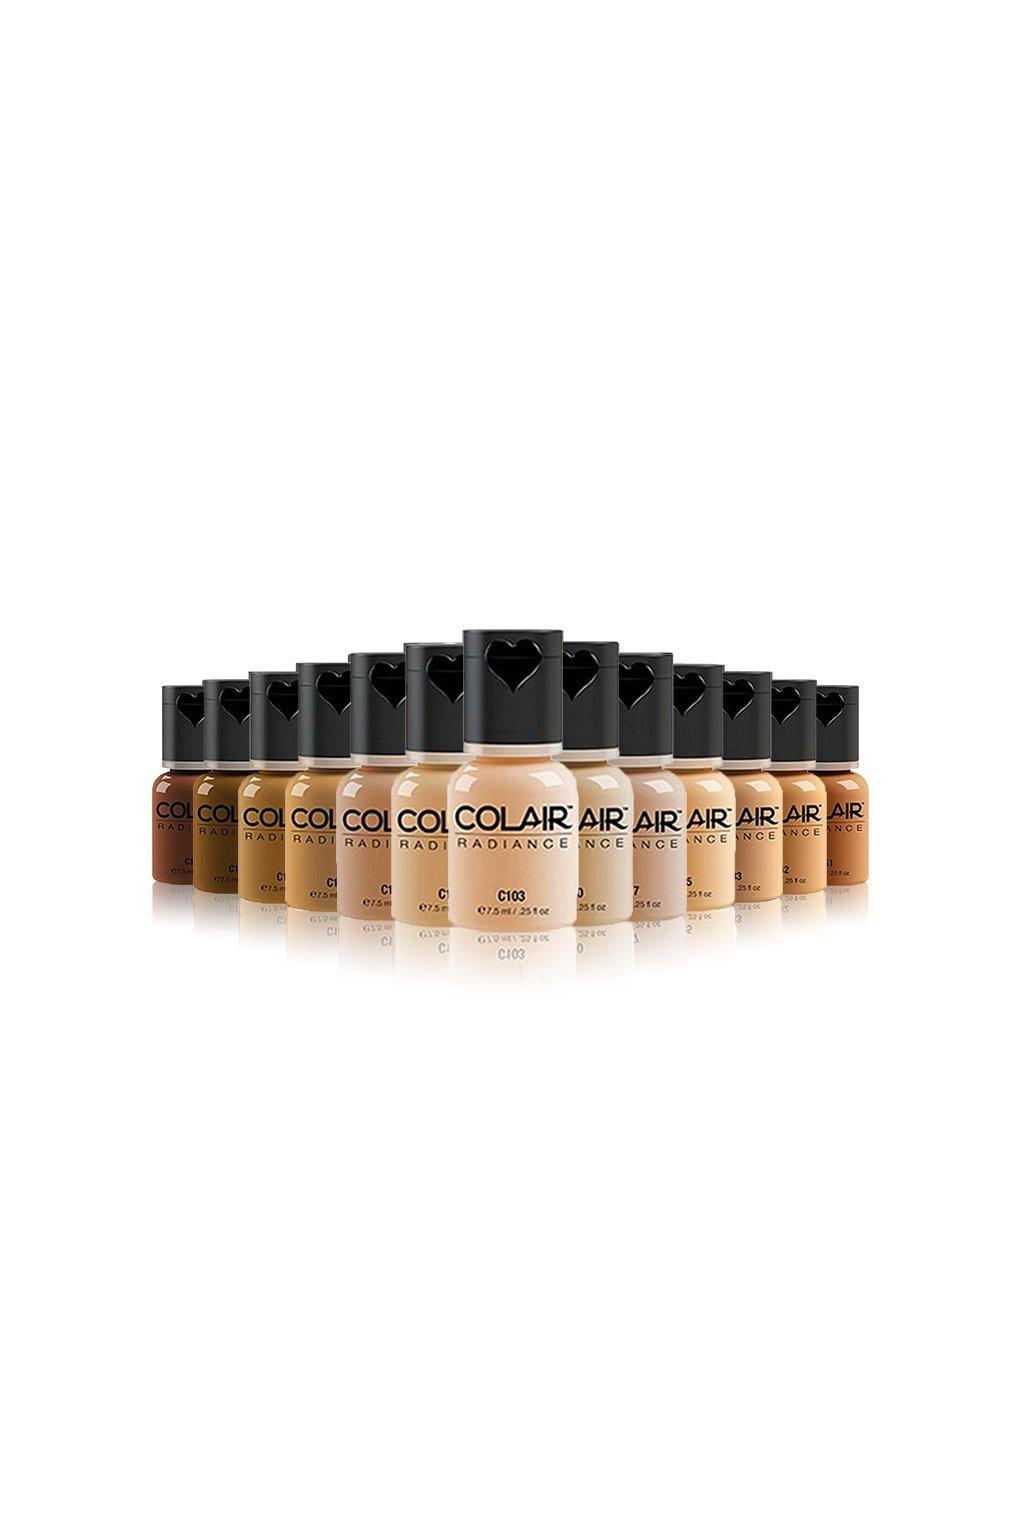 Dinair Airbrush Make-up RADIANCE satin